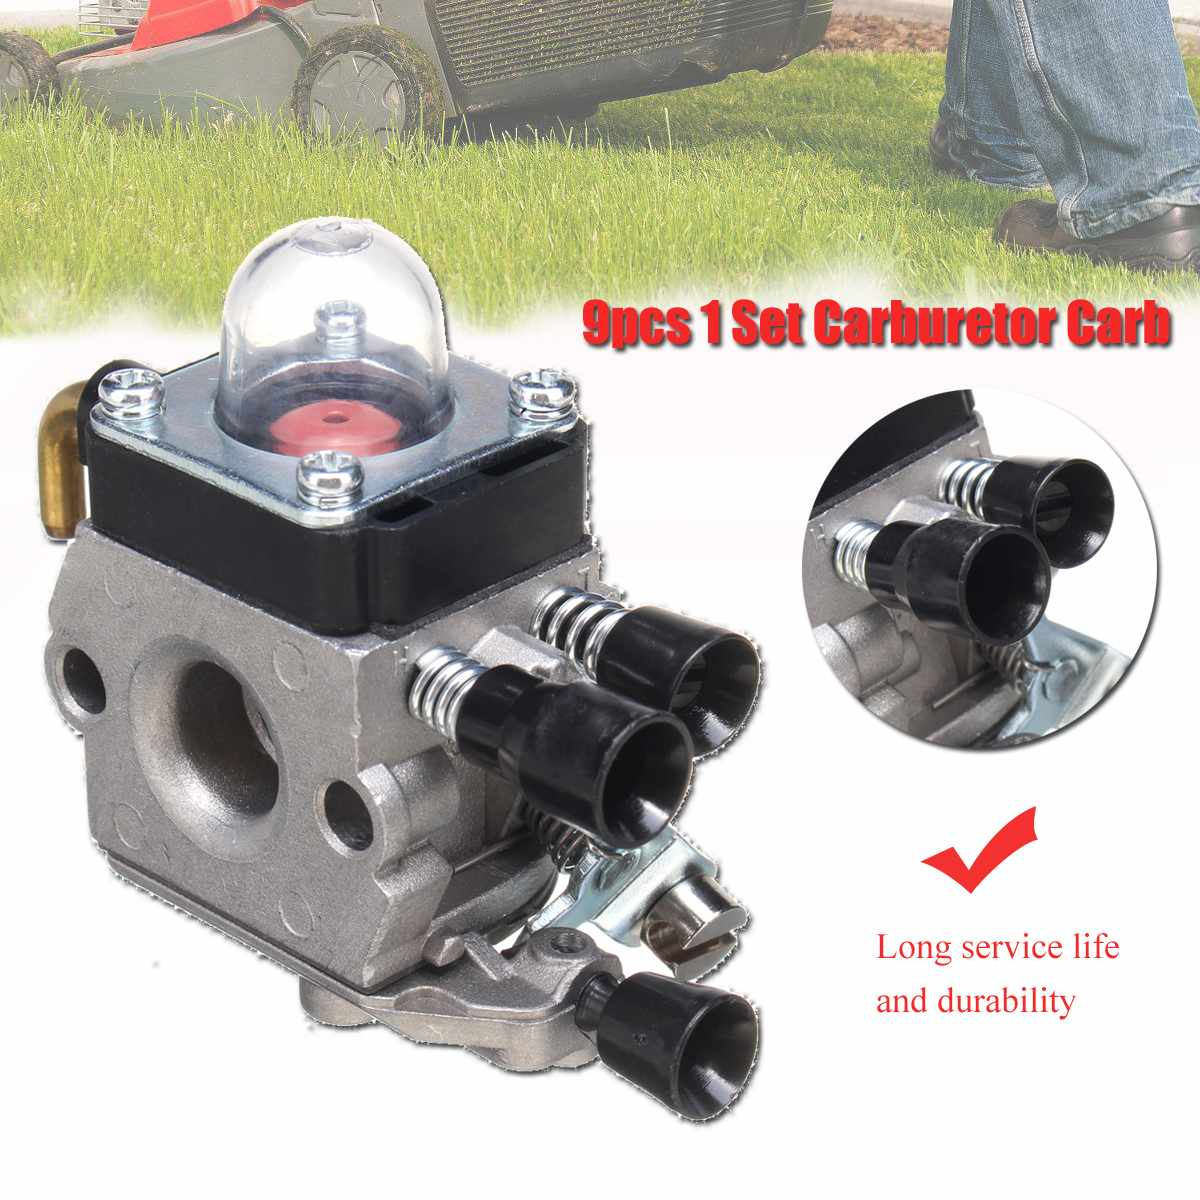 STIHL CARB ASSY C1Q-S186B 4140-120-0619 B 4140 120 Carburatore per ZAMA